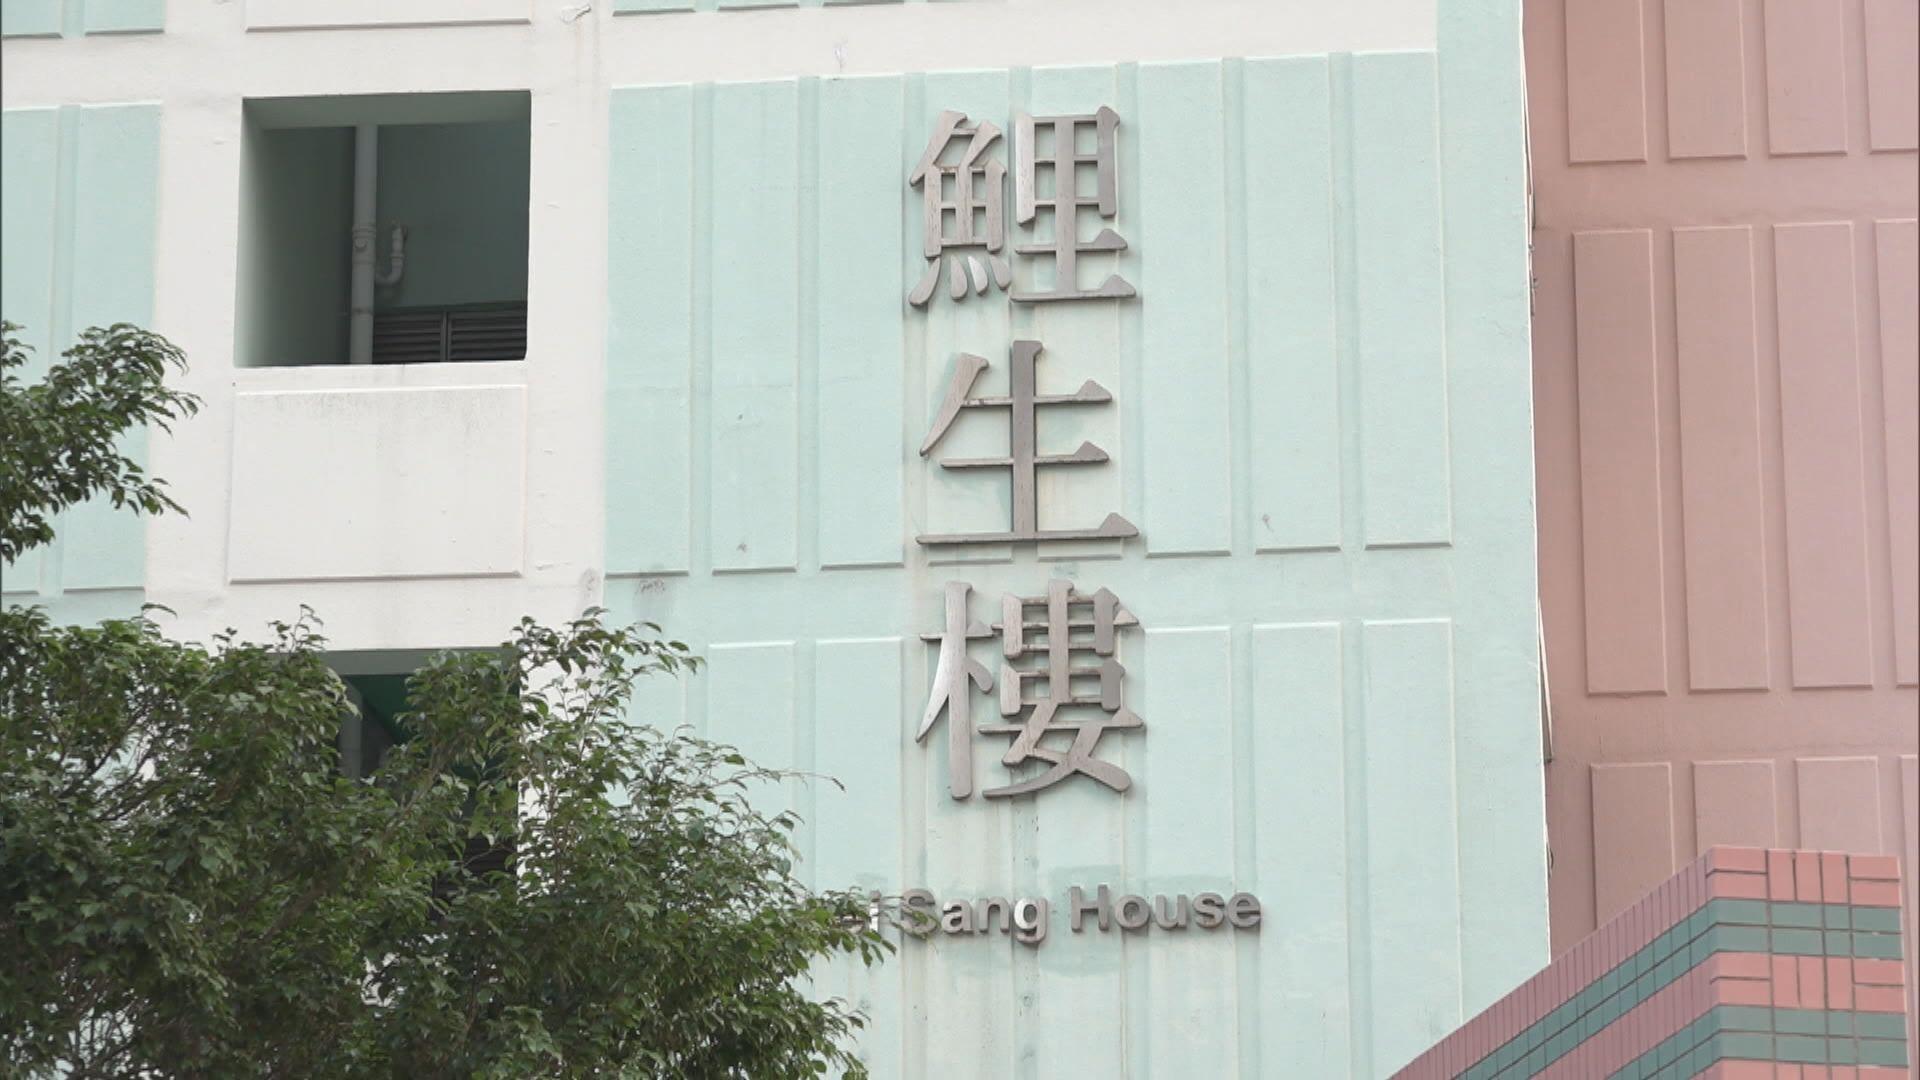 鯉魚門邨鯉生樓四單位染疫確 居民須強制檢測